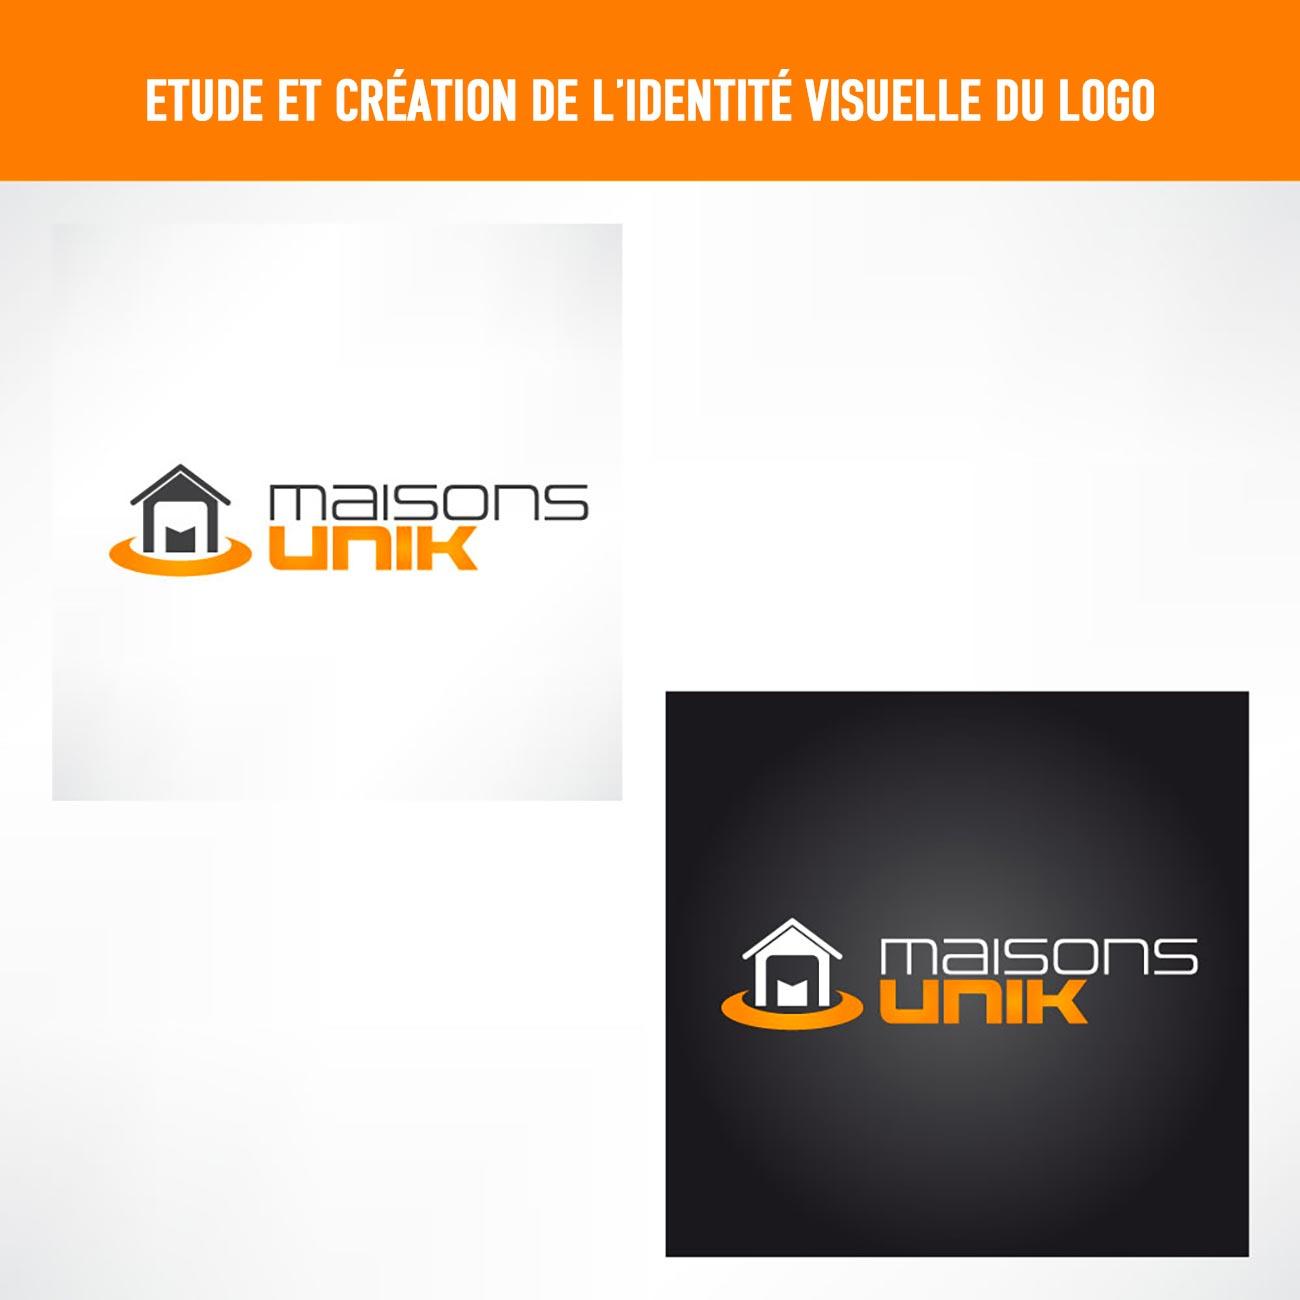 Roxane_studio_agence_publicitaire_liege_Maisons_unik_logo01